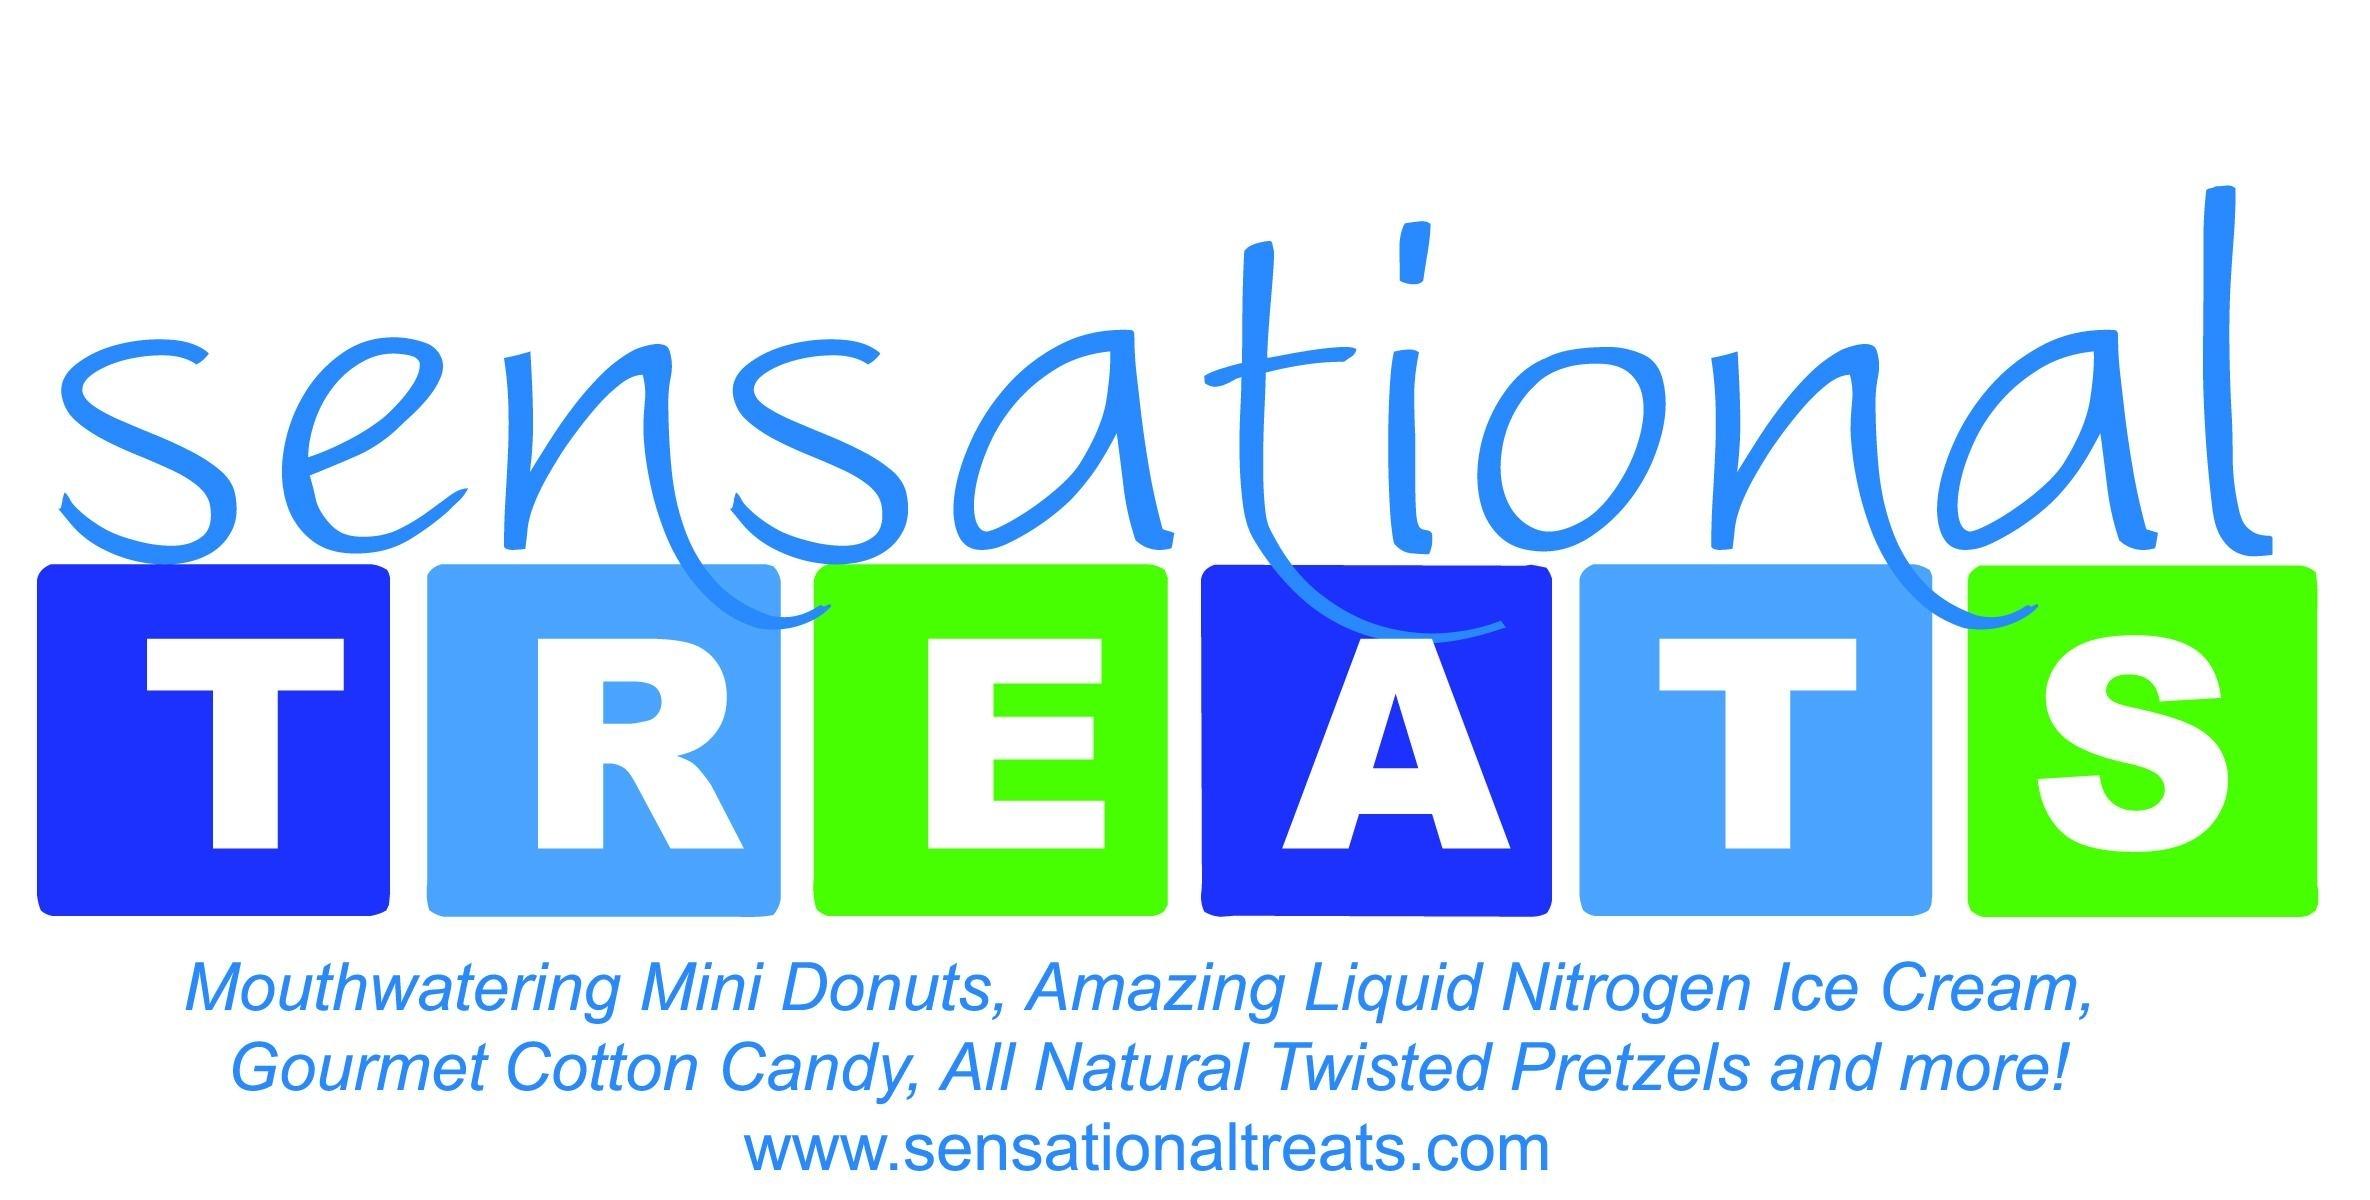 Sensational Treats Logo.jpg